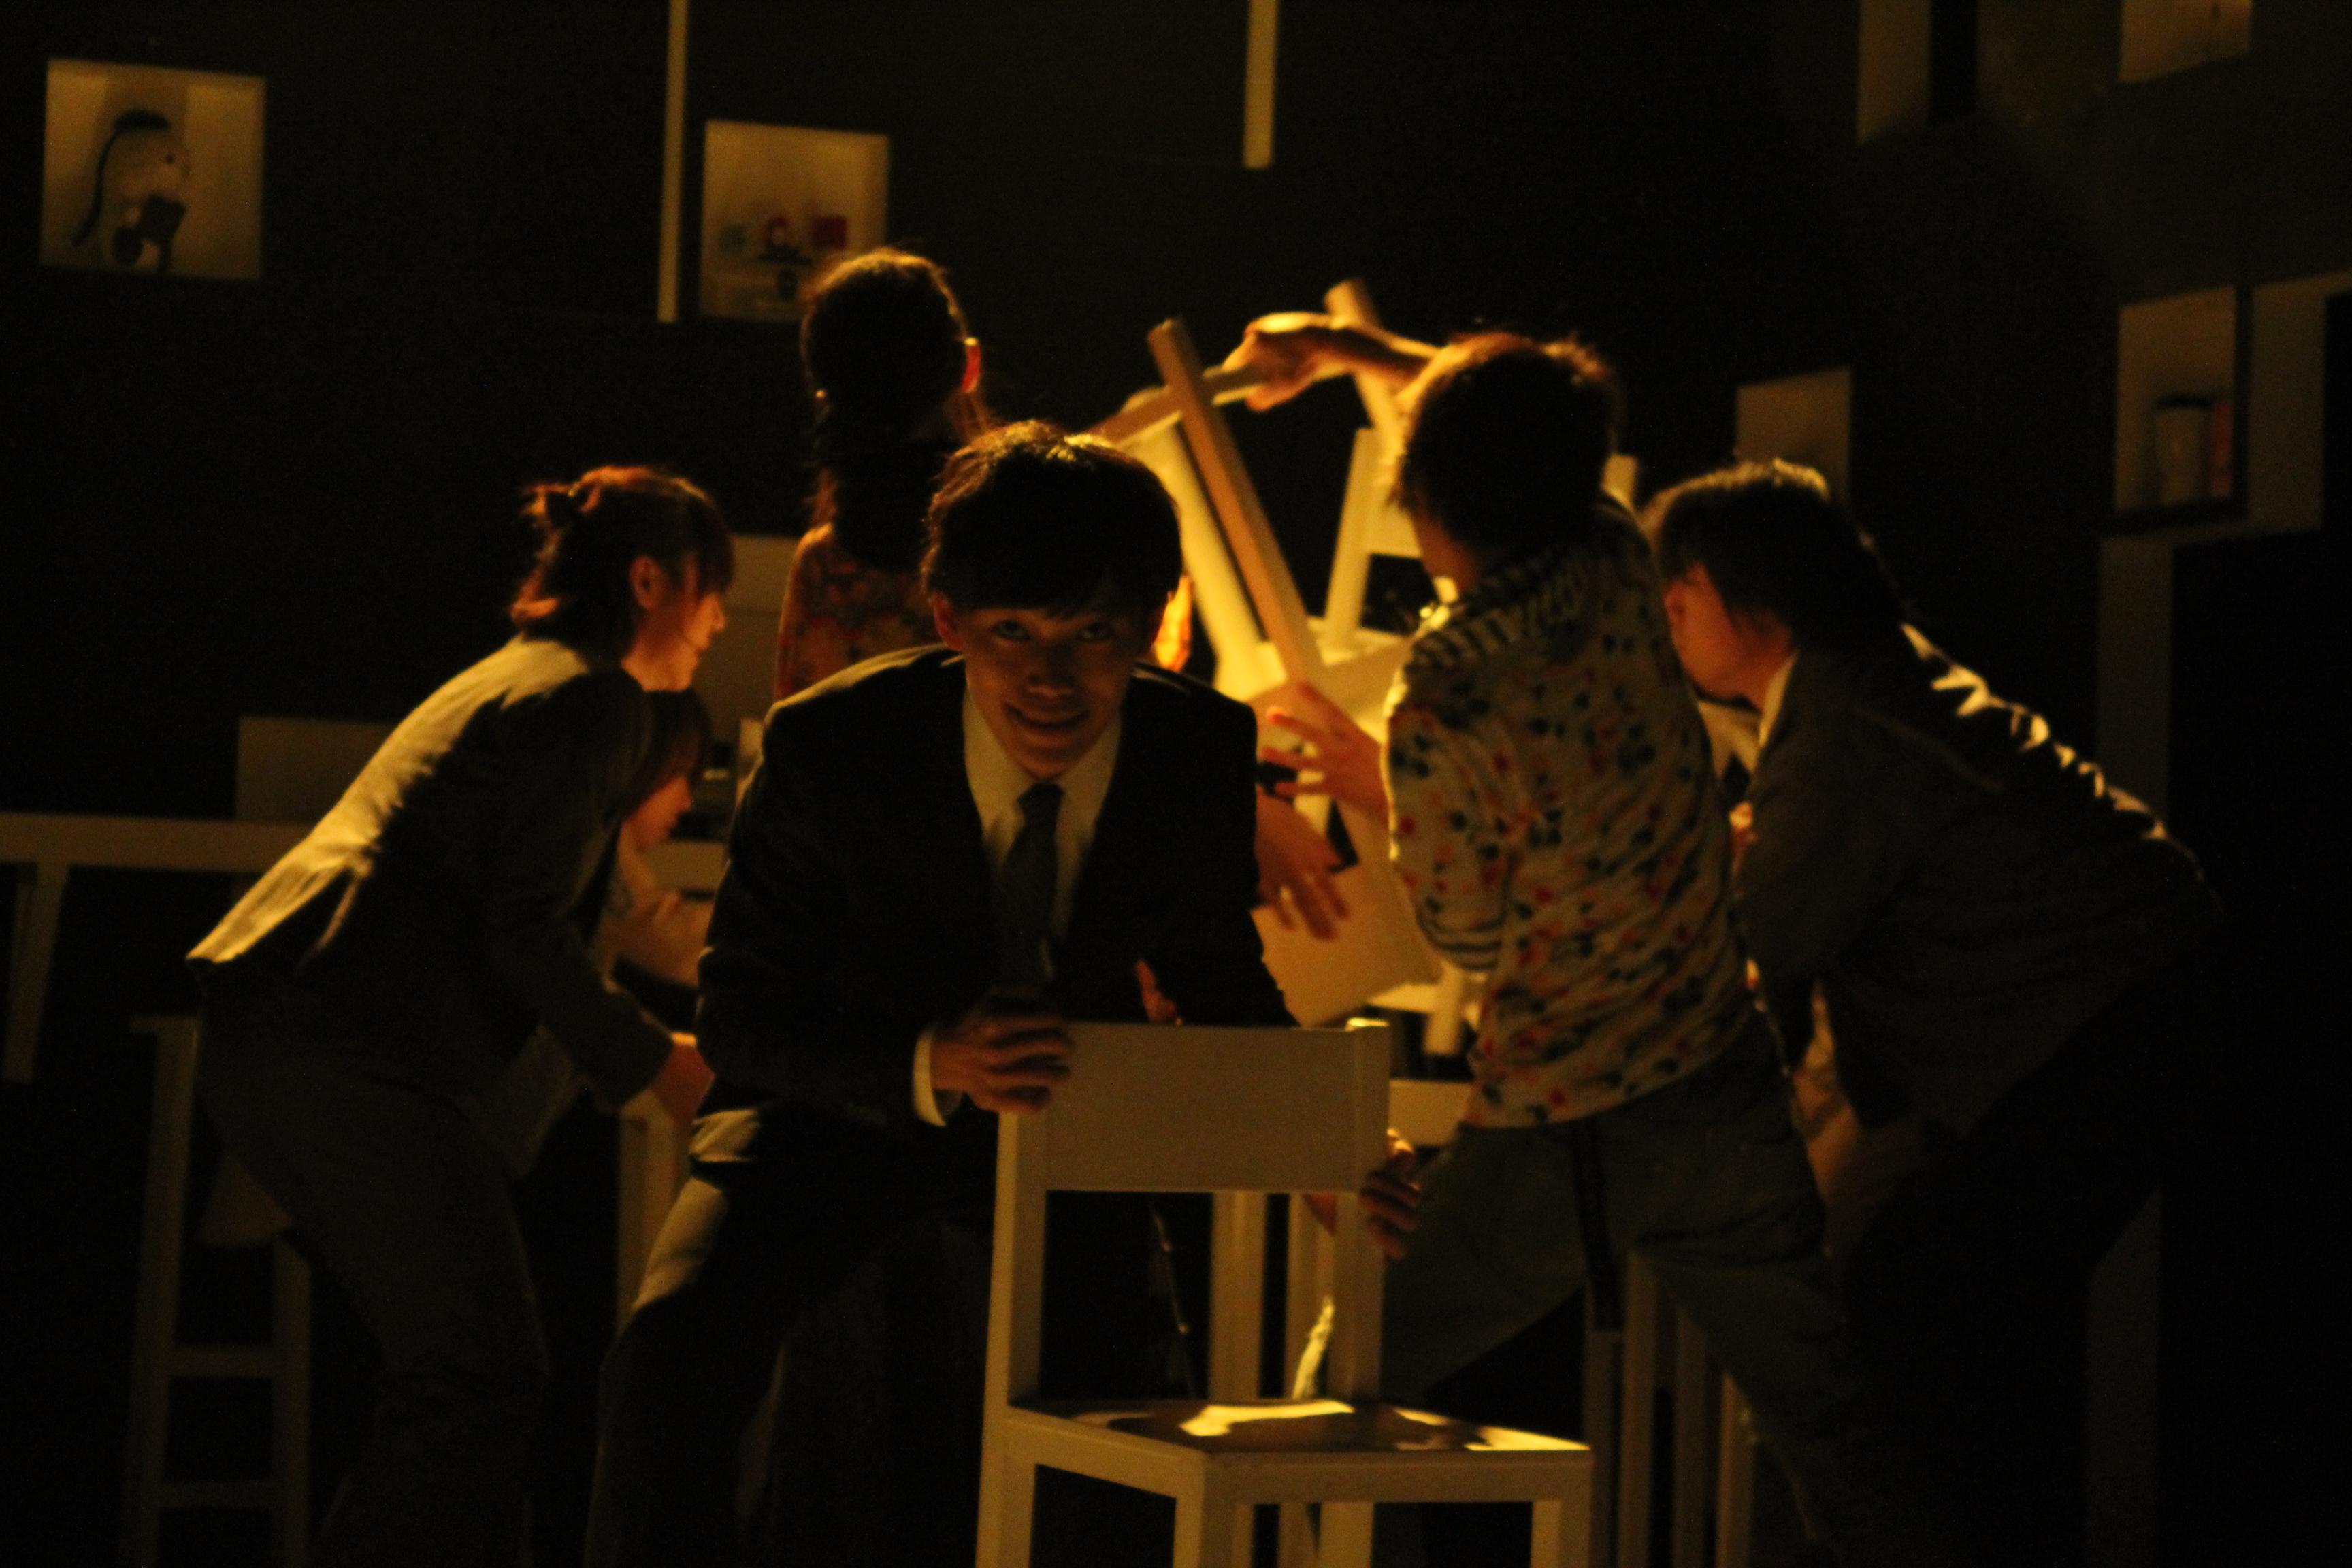 2014年9月 オレンヂスタ 第六回公演『白黒つかない』02